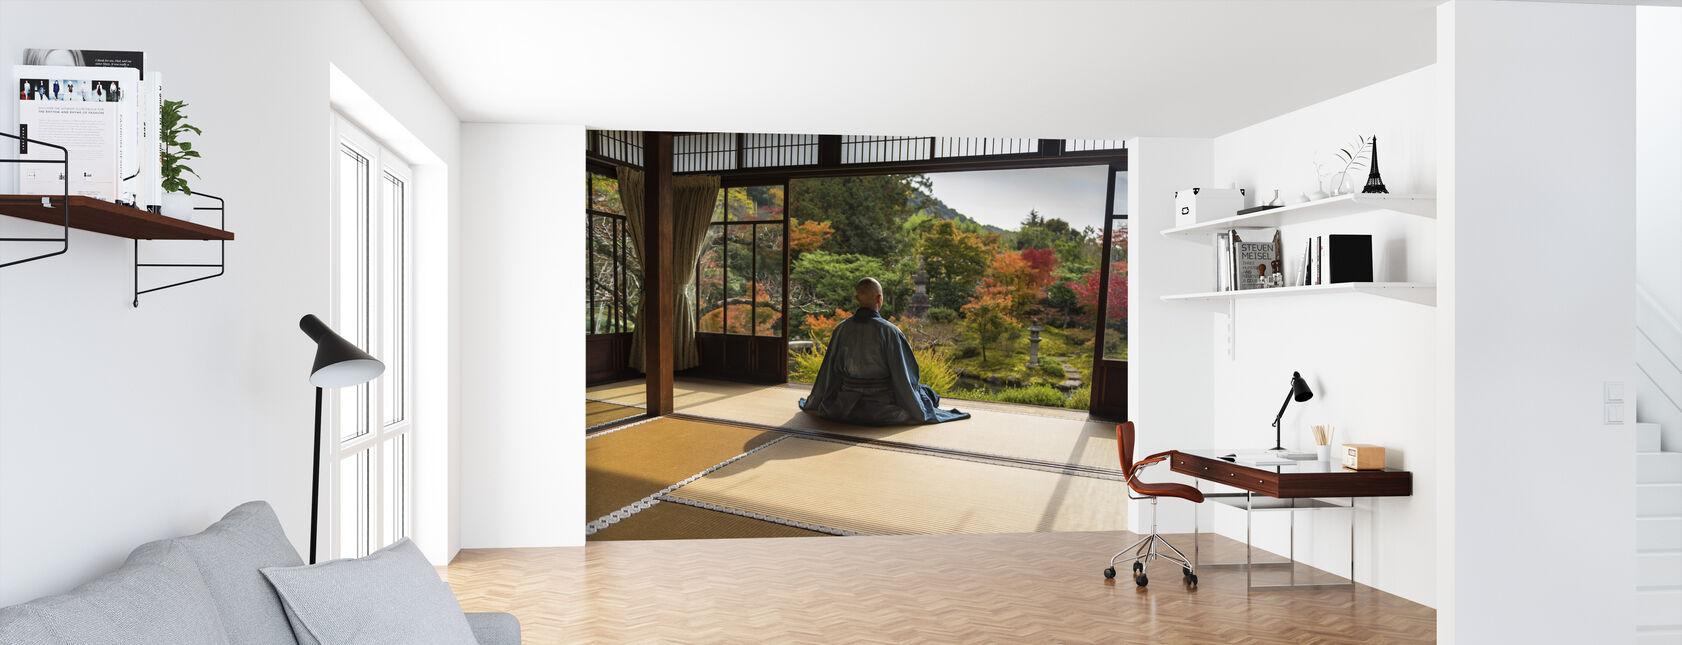 Meditatie - Behang - Kantoor